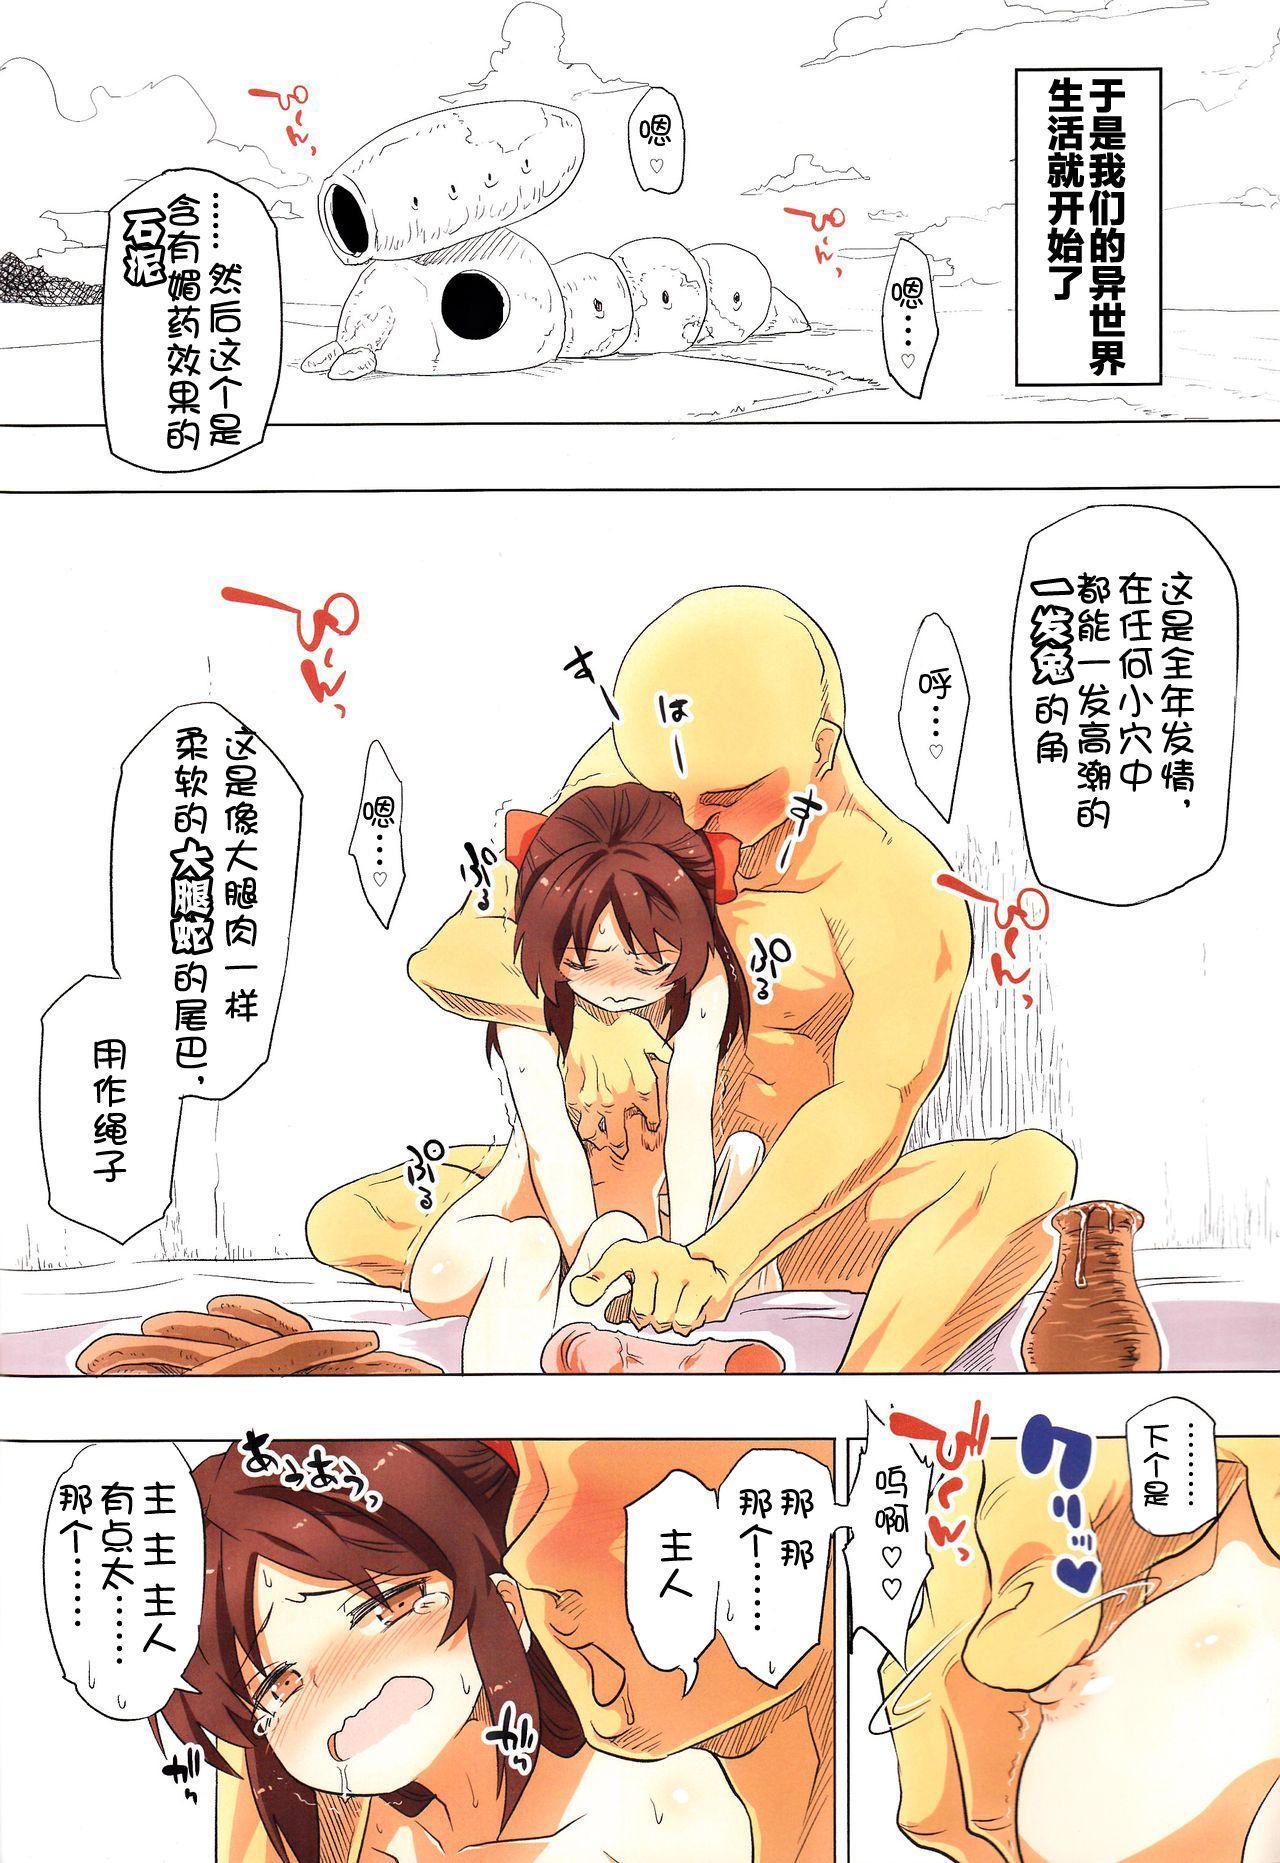 Jibun no Mihitotsu de Isekai ni Teni shita Onnanoko no Hanashi 14